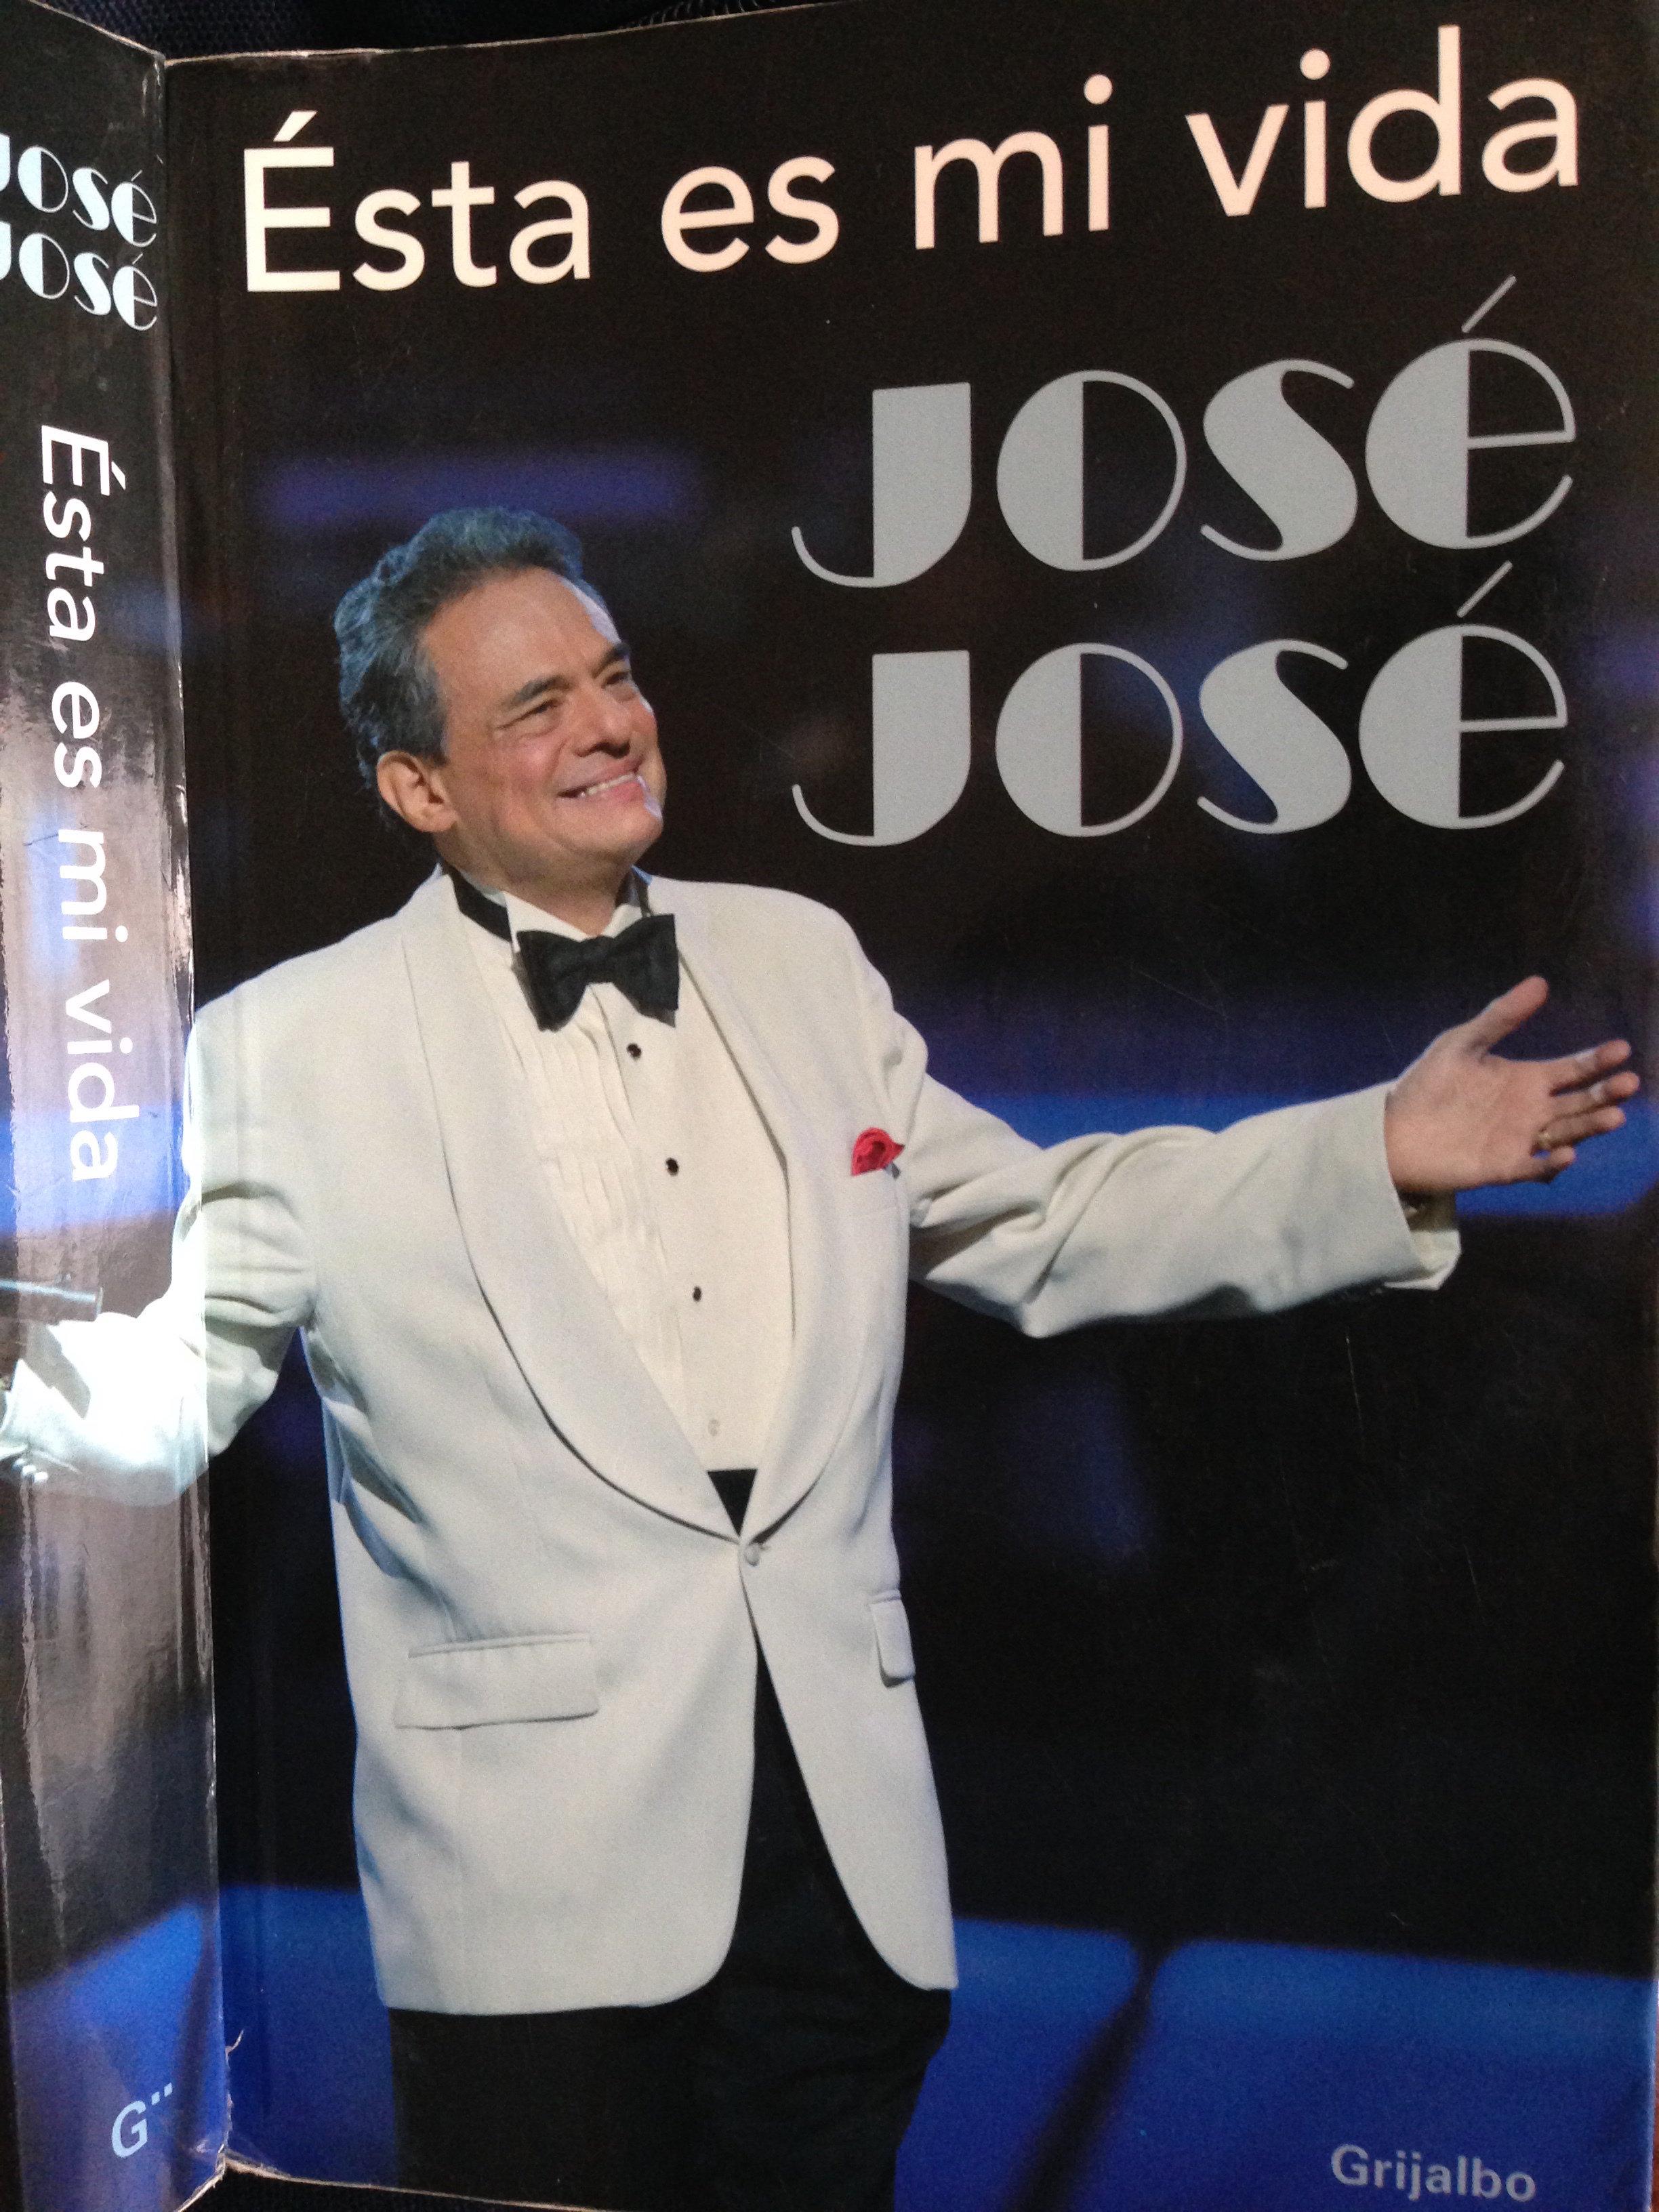 José José: El Principe de la Canción (2018)